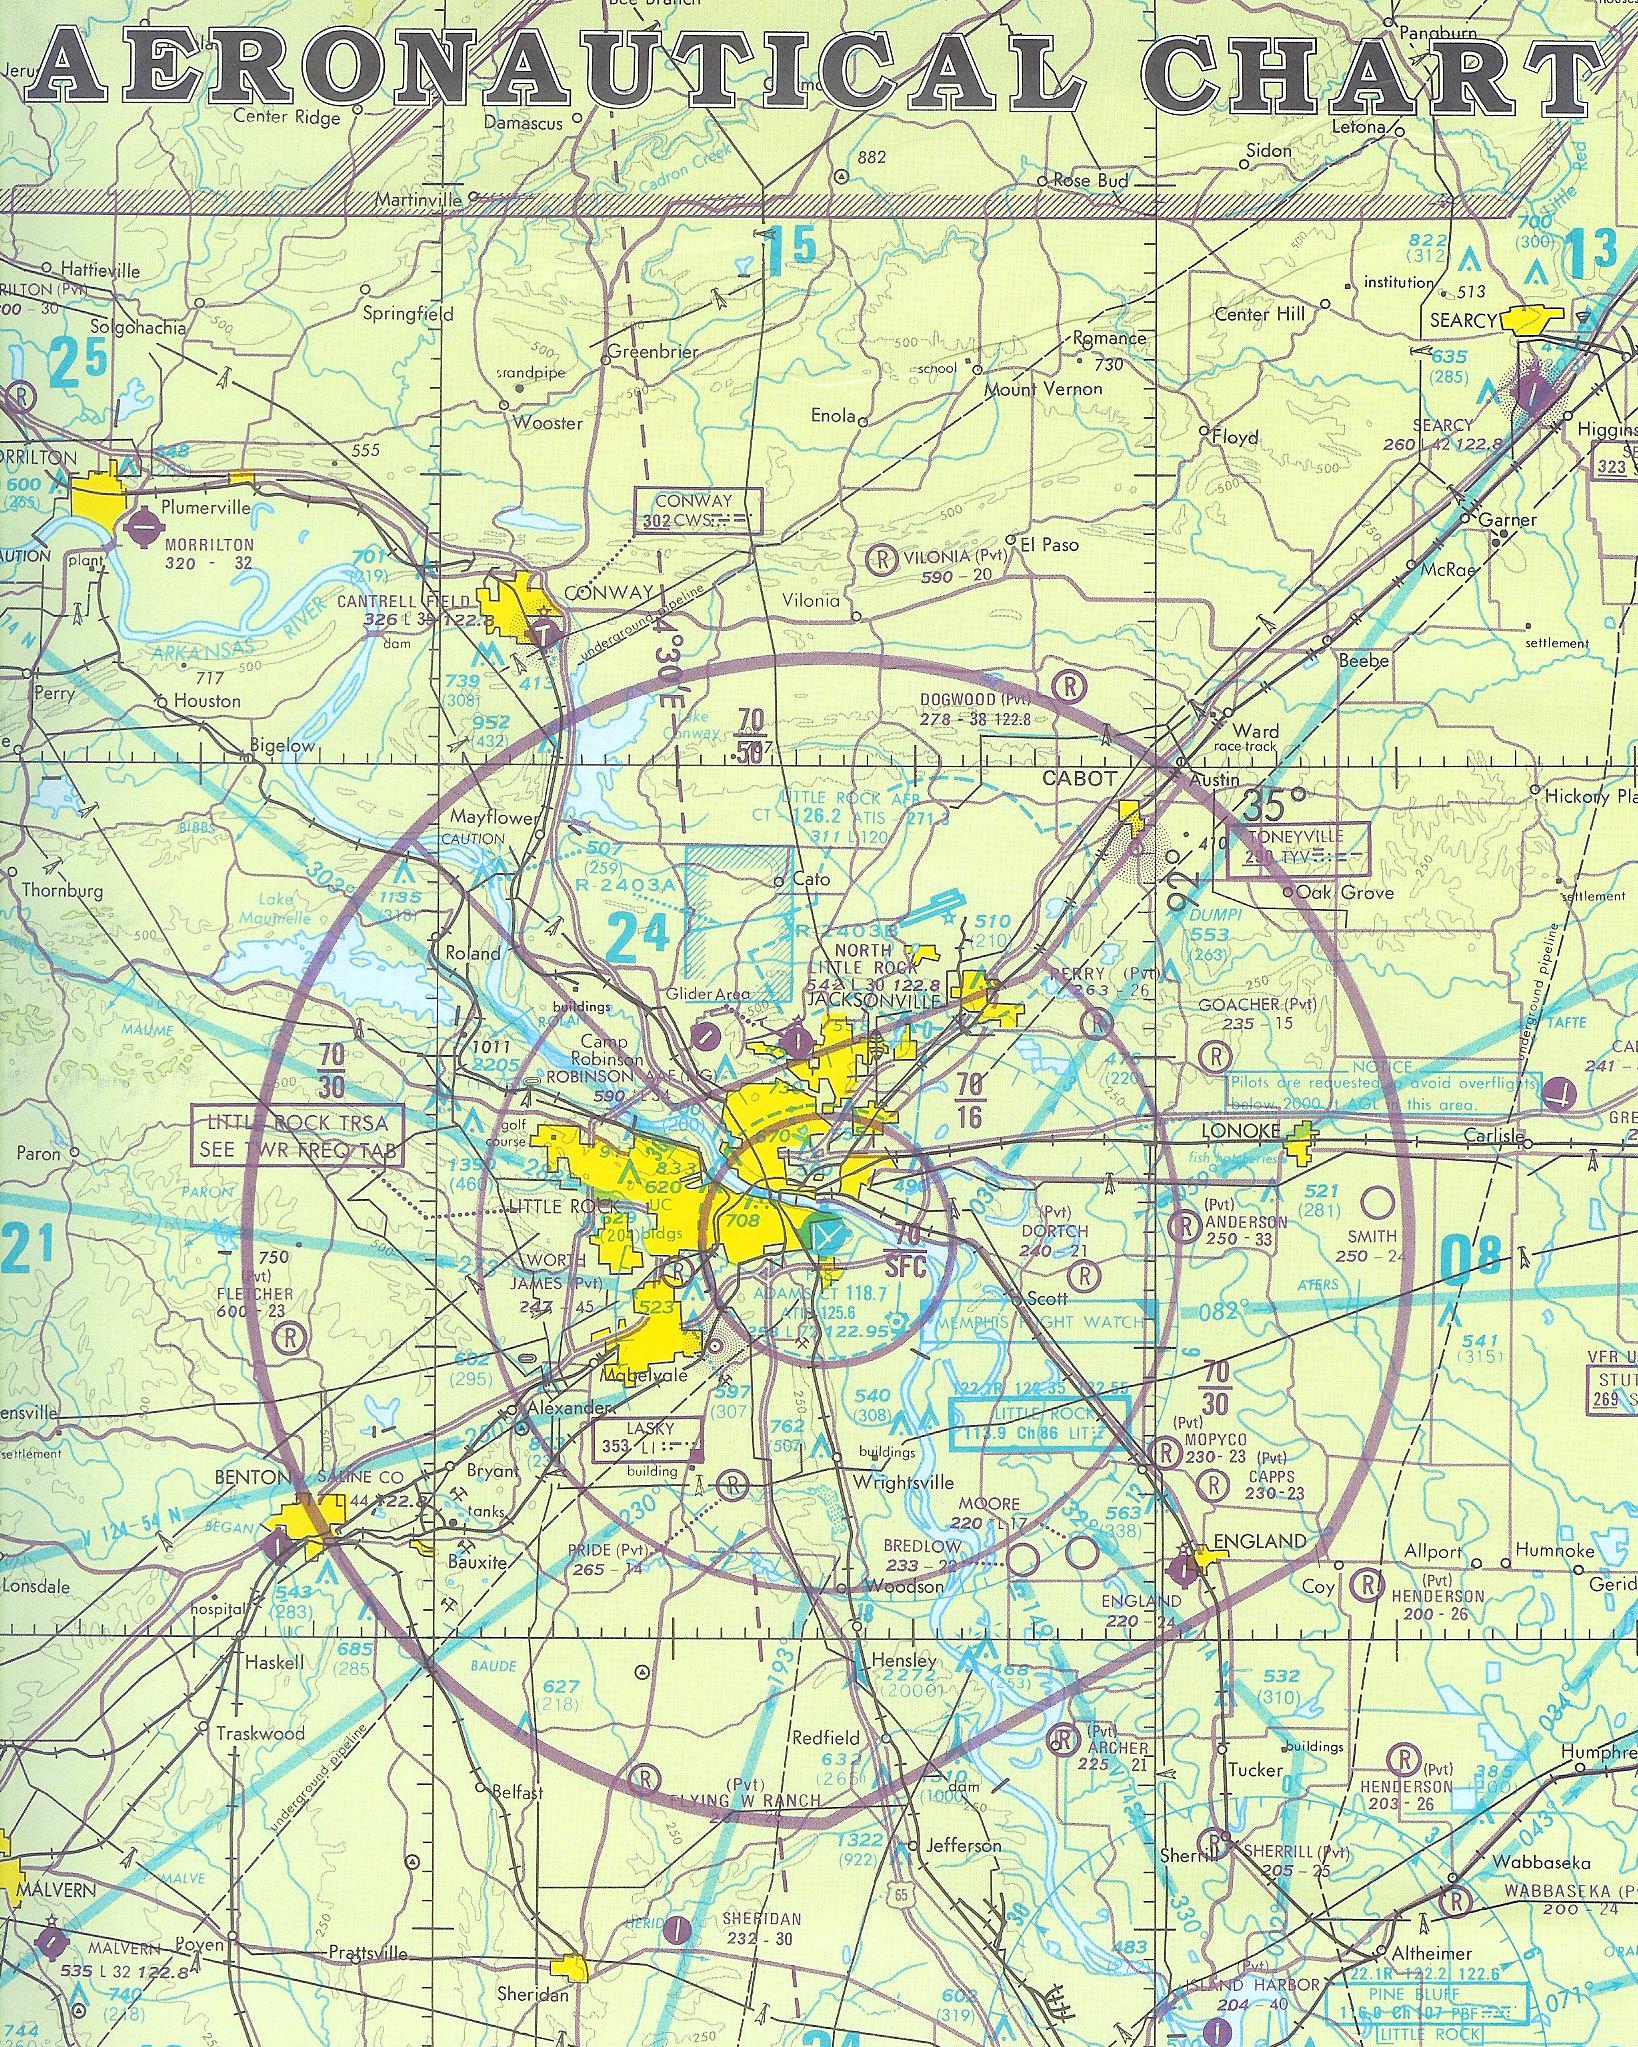 Aeronautical chart mapprinter